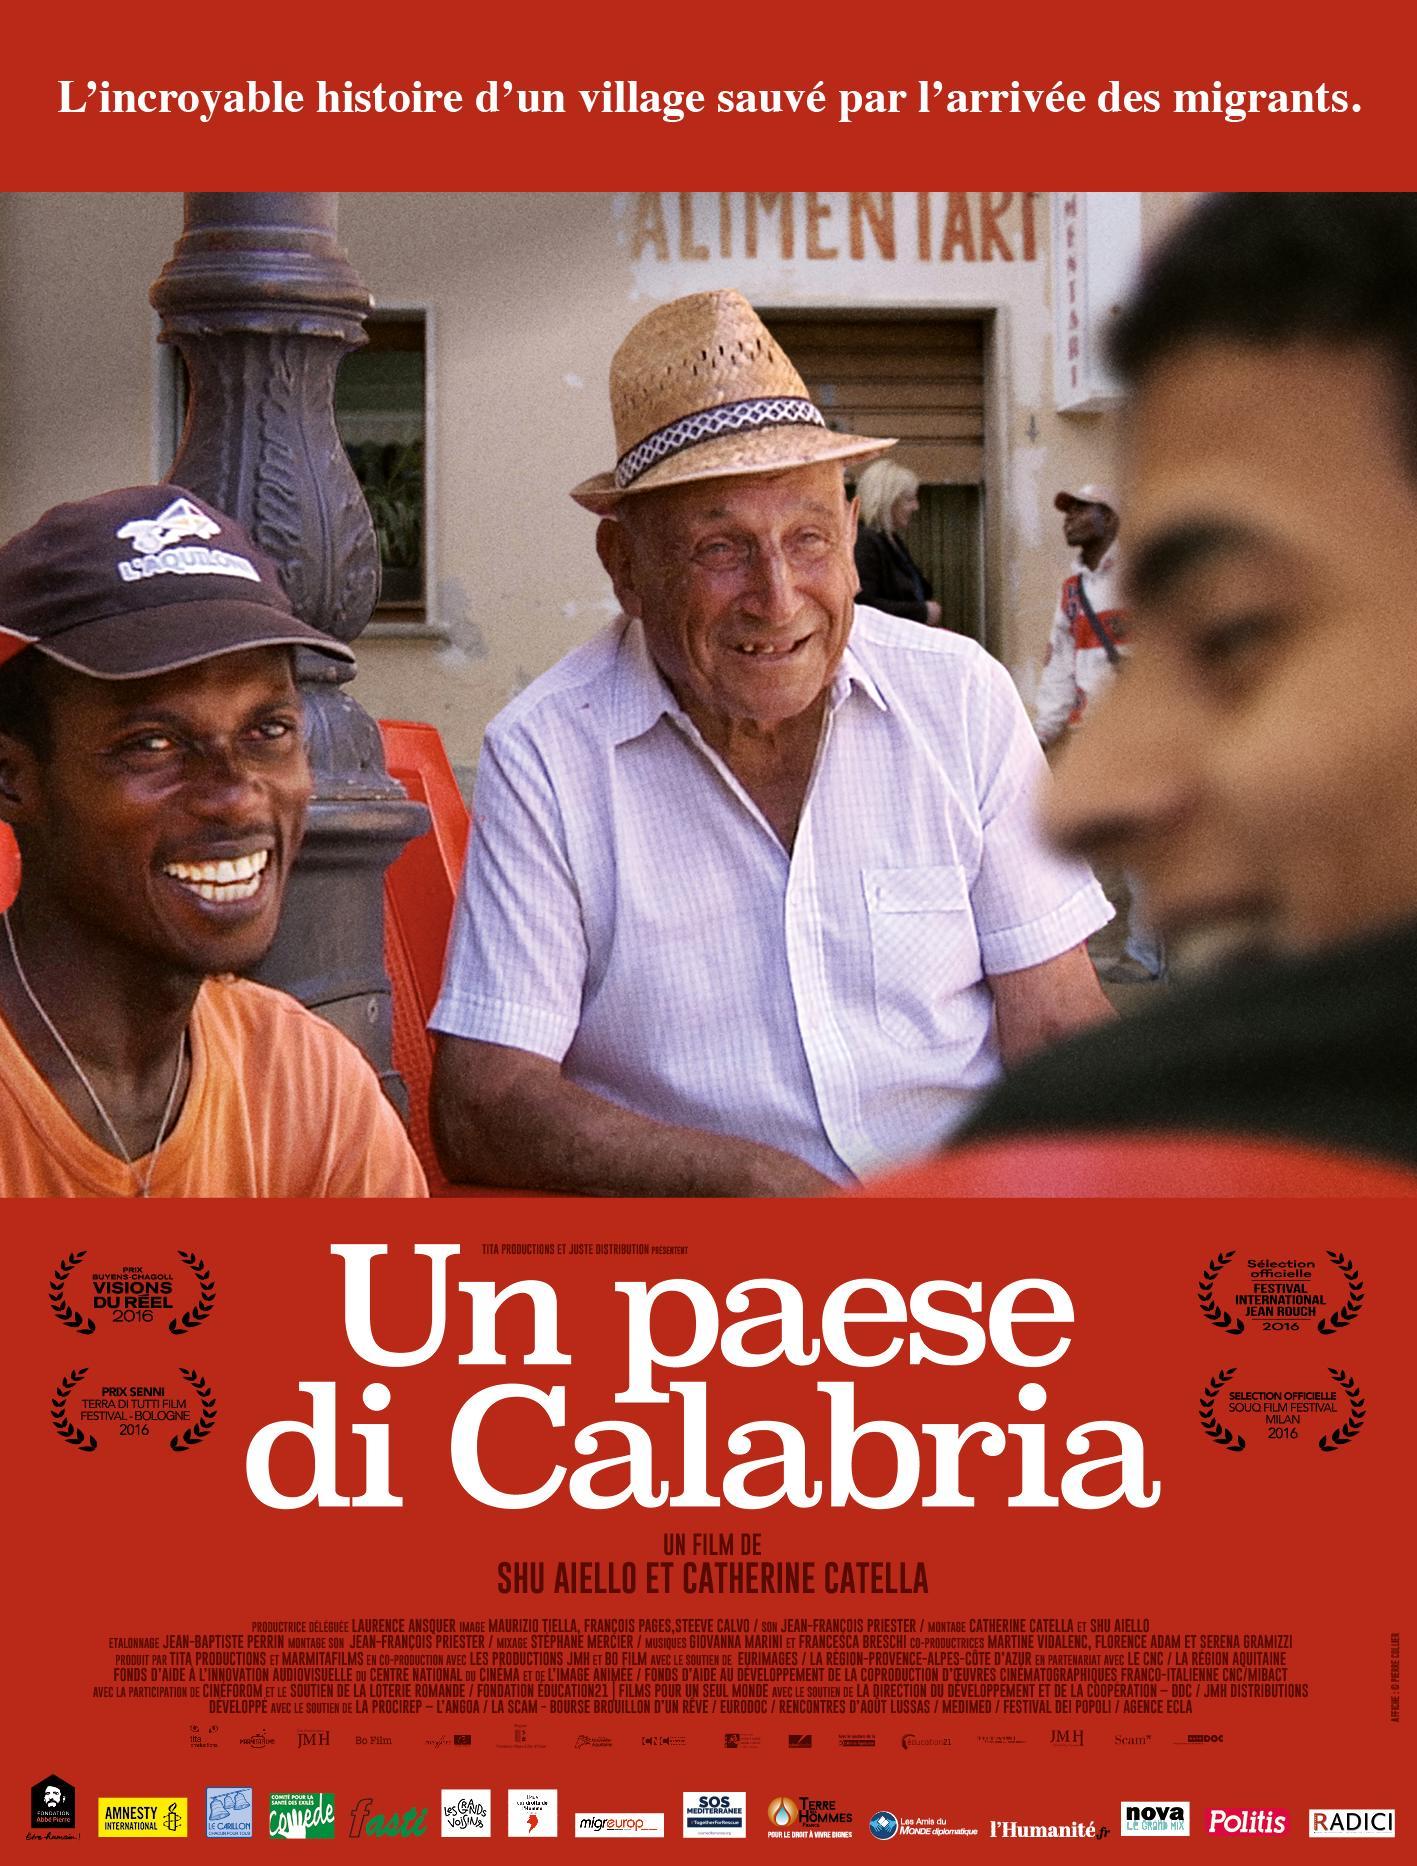 calabria_affiche_web